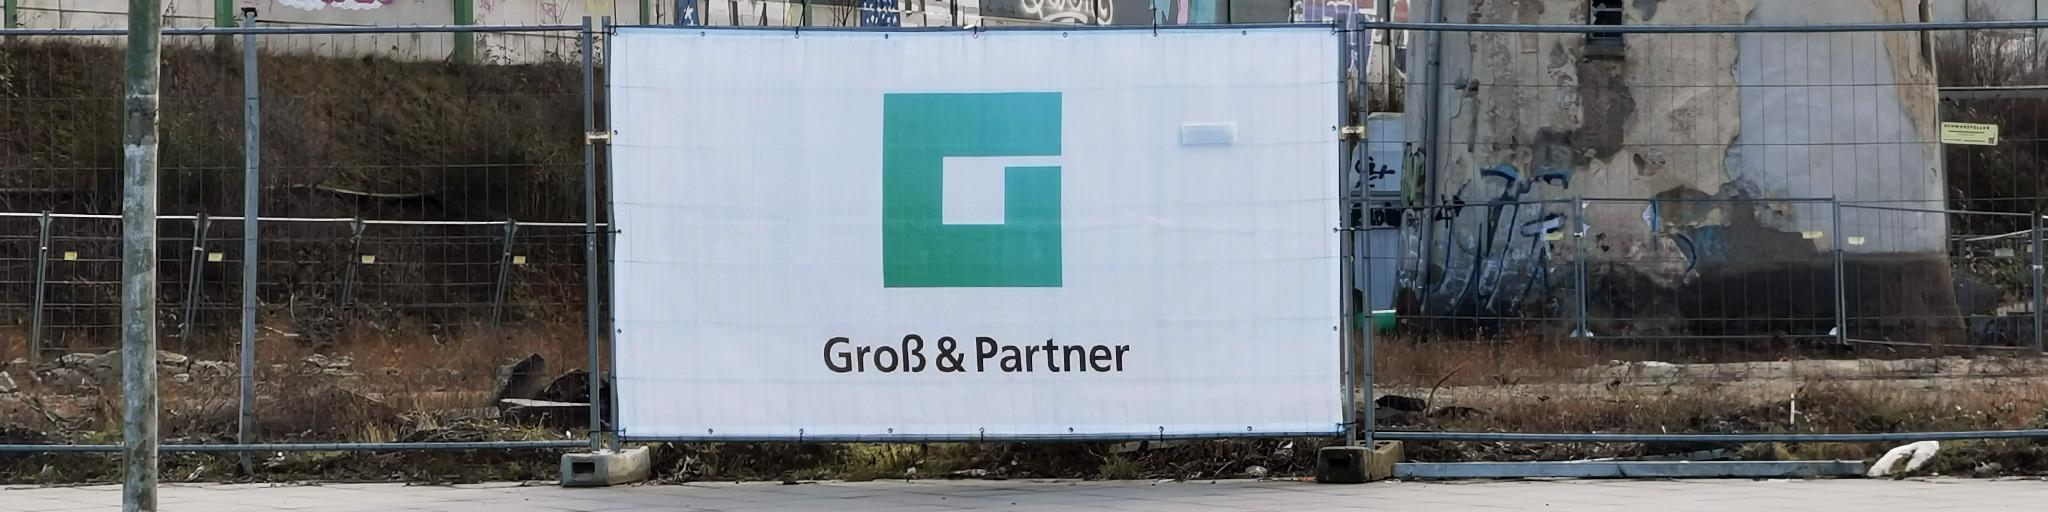 Groß und Partner GmbH Logo - Groß und Partner Logo - GP Logo - G&P Logo - Projektentwickler Frankfurt